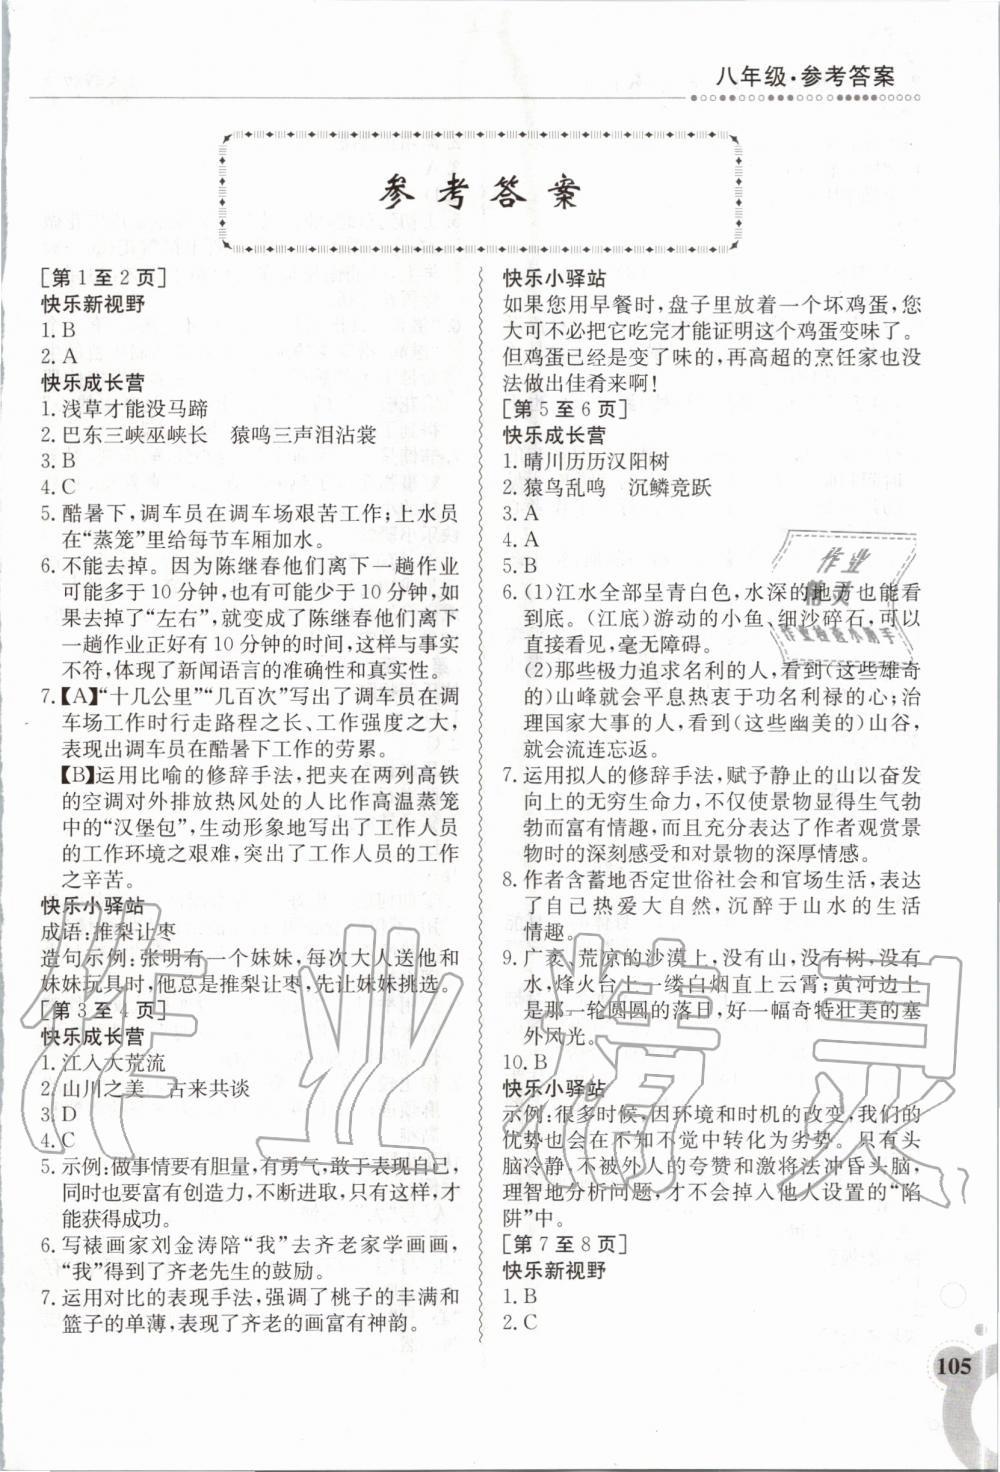 2020年寒假作业八年级江西高校出版社第1页